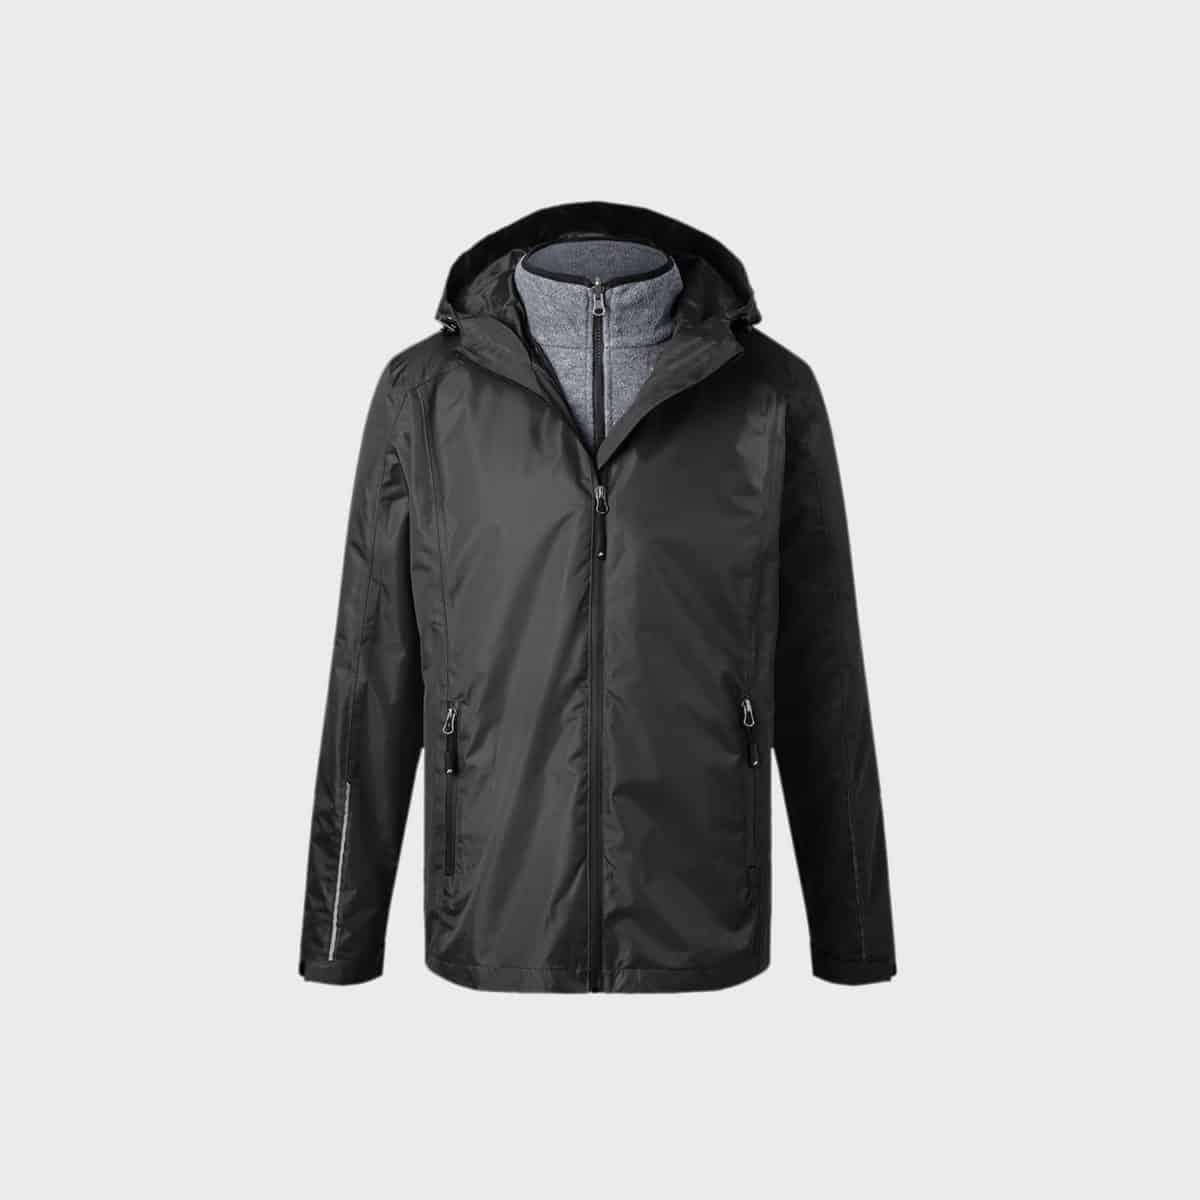 3in1-fleece-jacket-herren-black-kaufen-besticken_stickmanufaktur